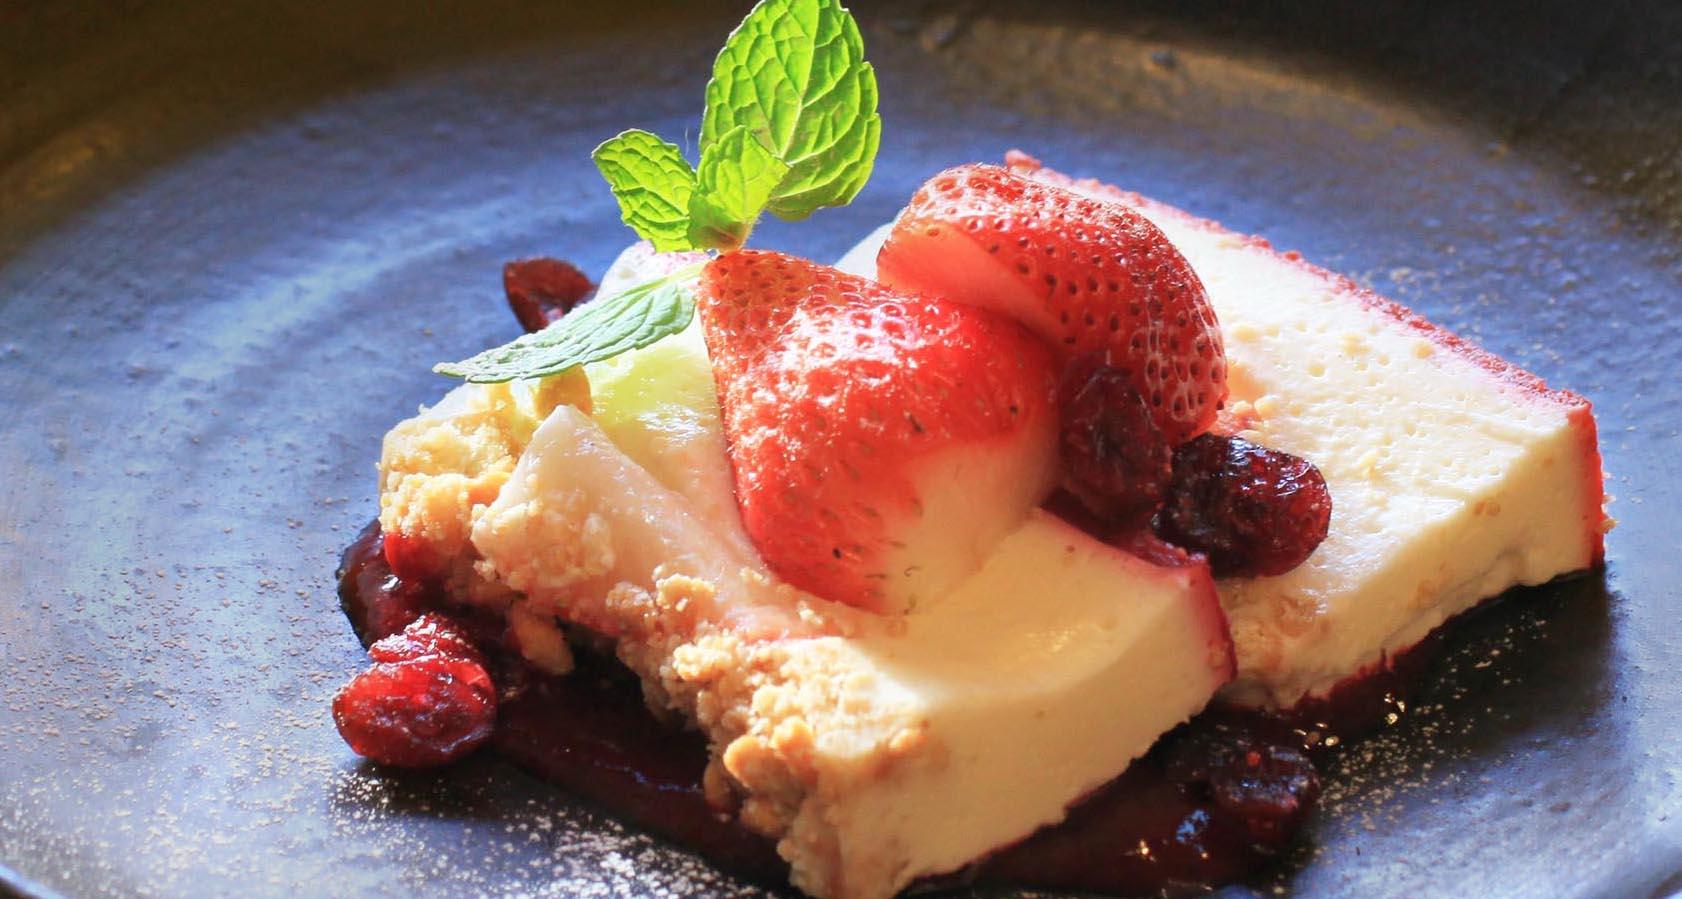 【岡山県産いちごスイーツフェア】苺とラズベリーのレアチーズケーキ